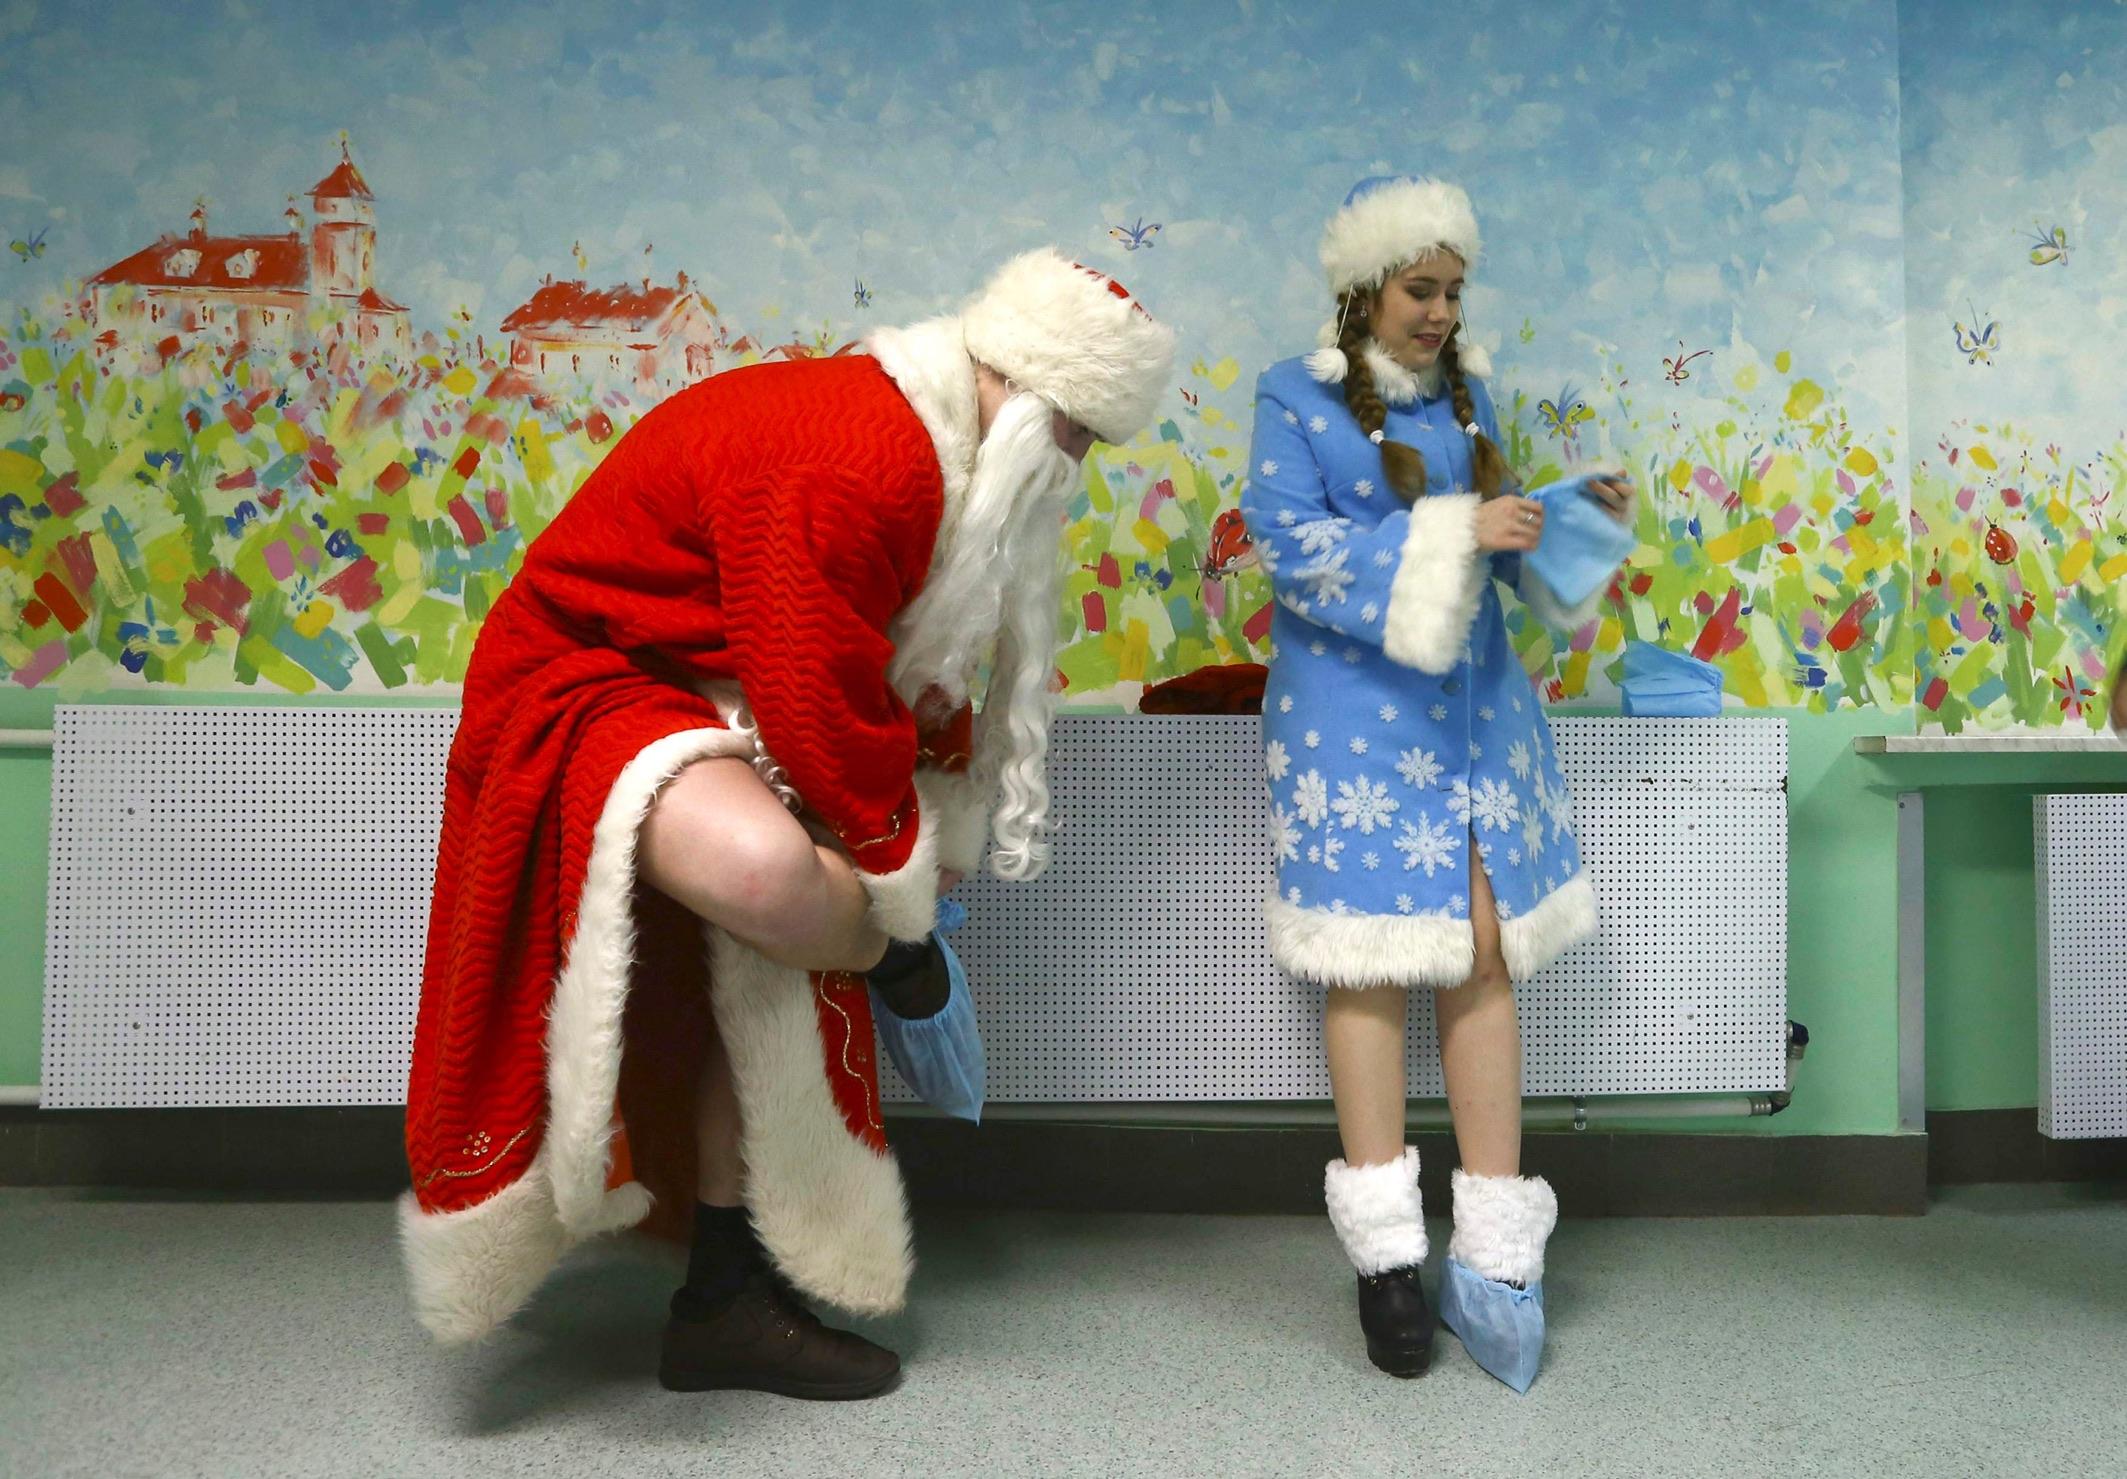 Дед Мороз и Снегурочка обуваются в бахилы для посещения детей в Научно-практическом центре педиатрии в Минске. Автор фото: Василий Федосенко/Reuters. Источник: http://avax.news